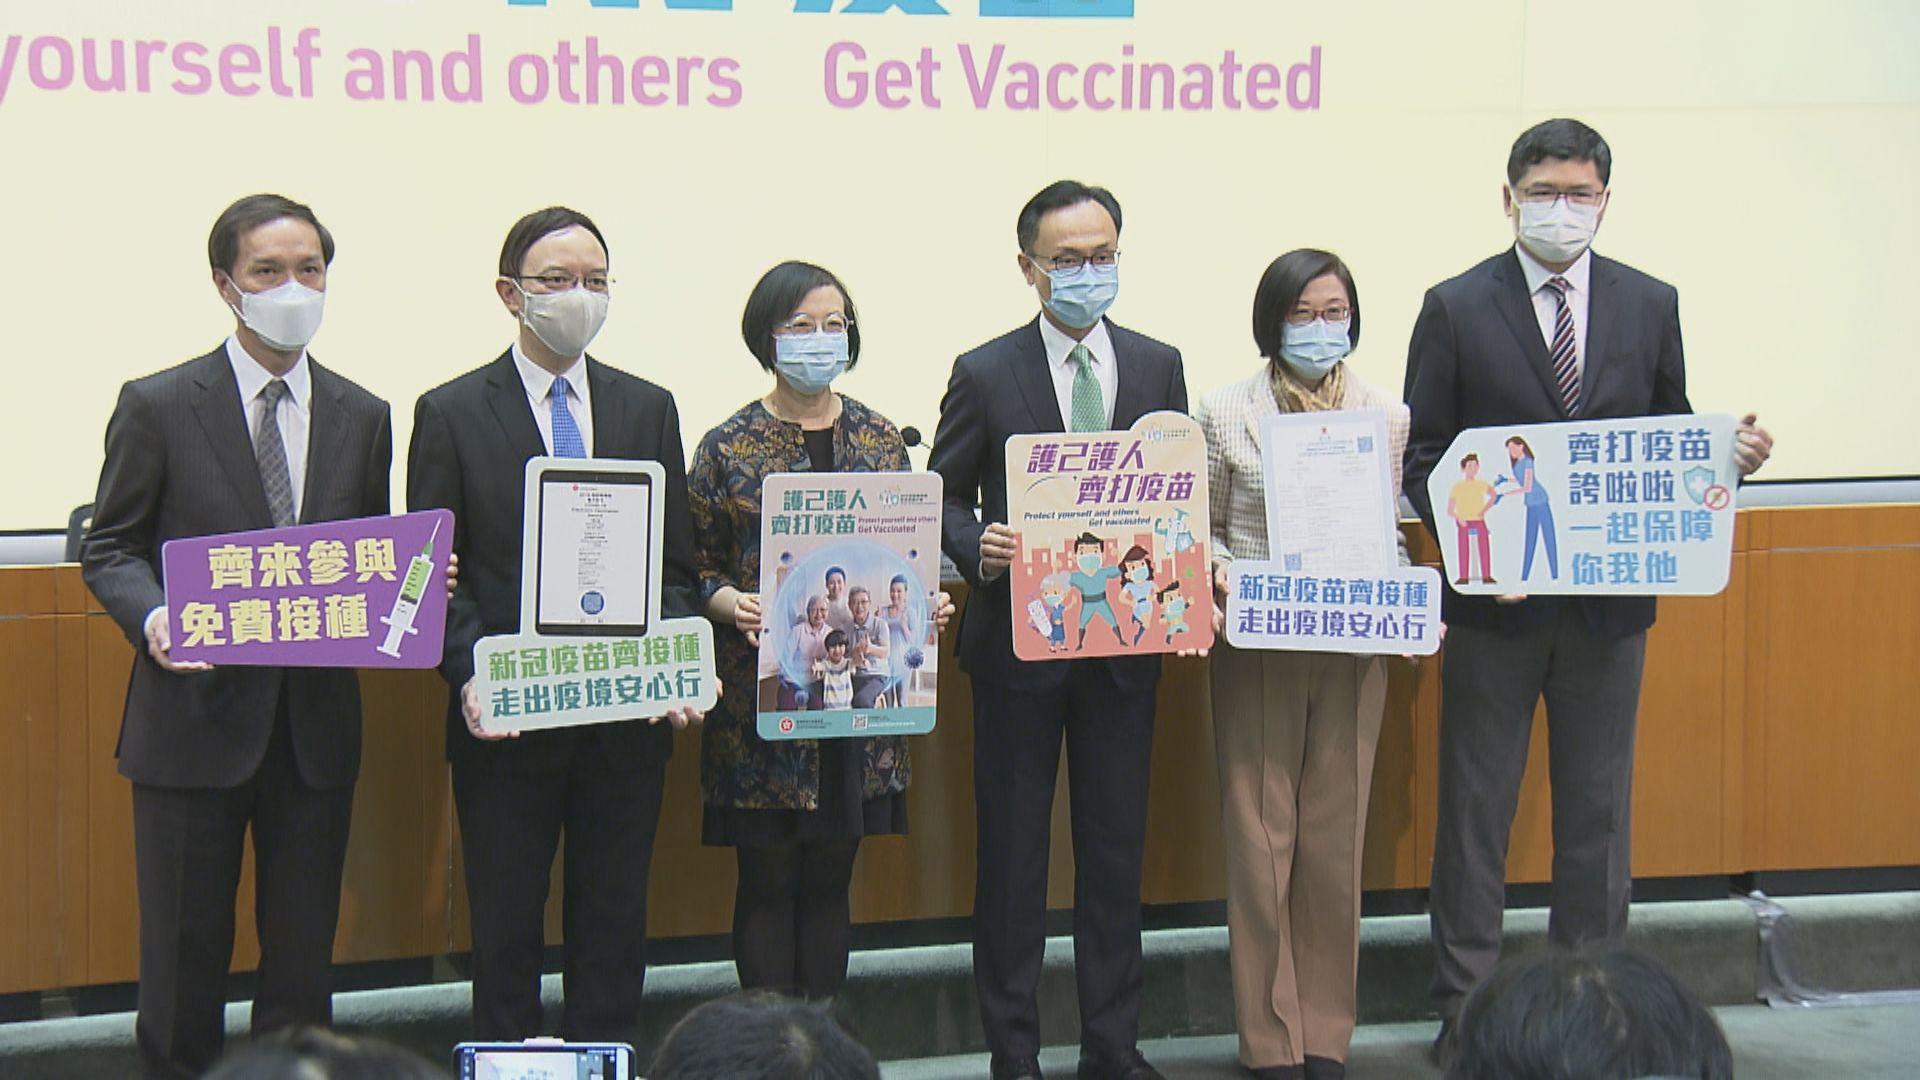 【最新‧附詳情】下周五起可接種科興新冠疫苗 下周二起可網上登記